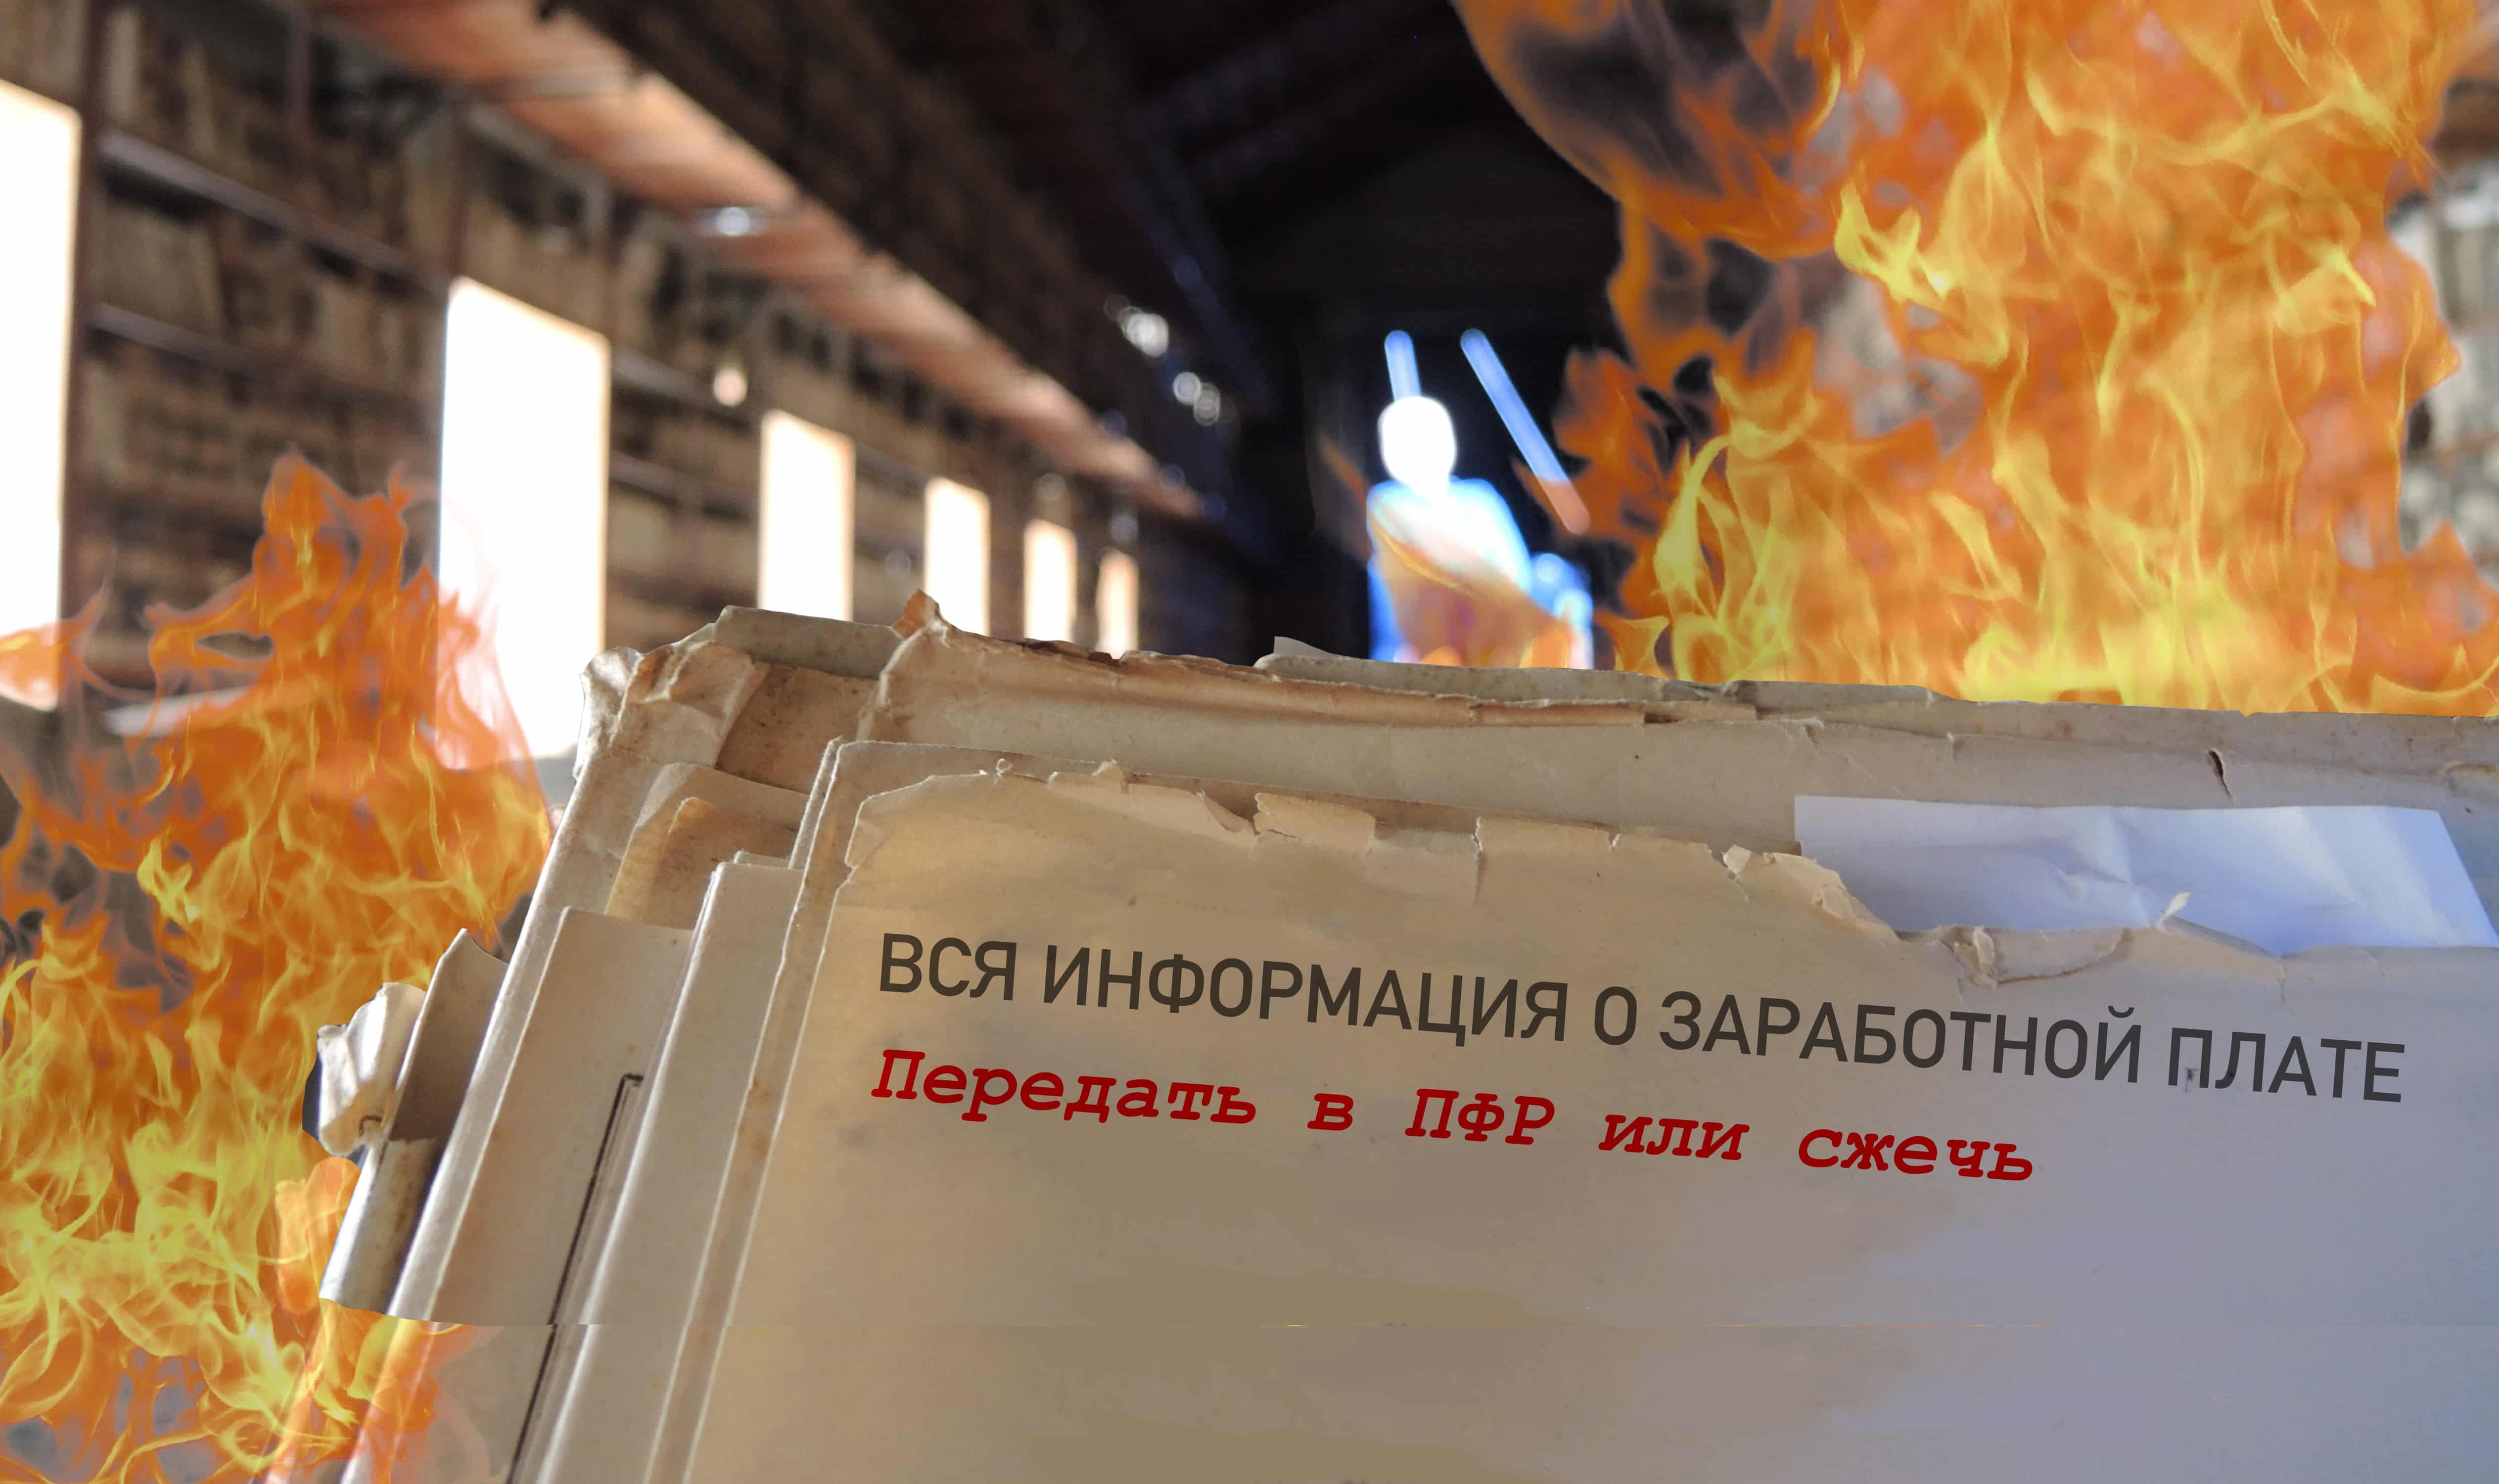 Нотариальная доверенность на оформление документо в фонд стратегия пермь